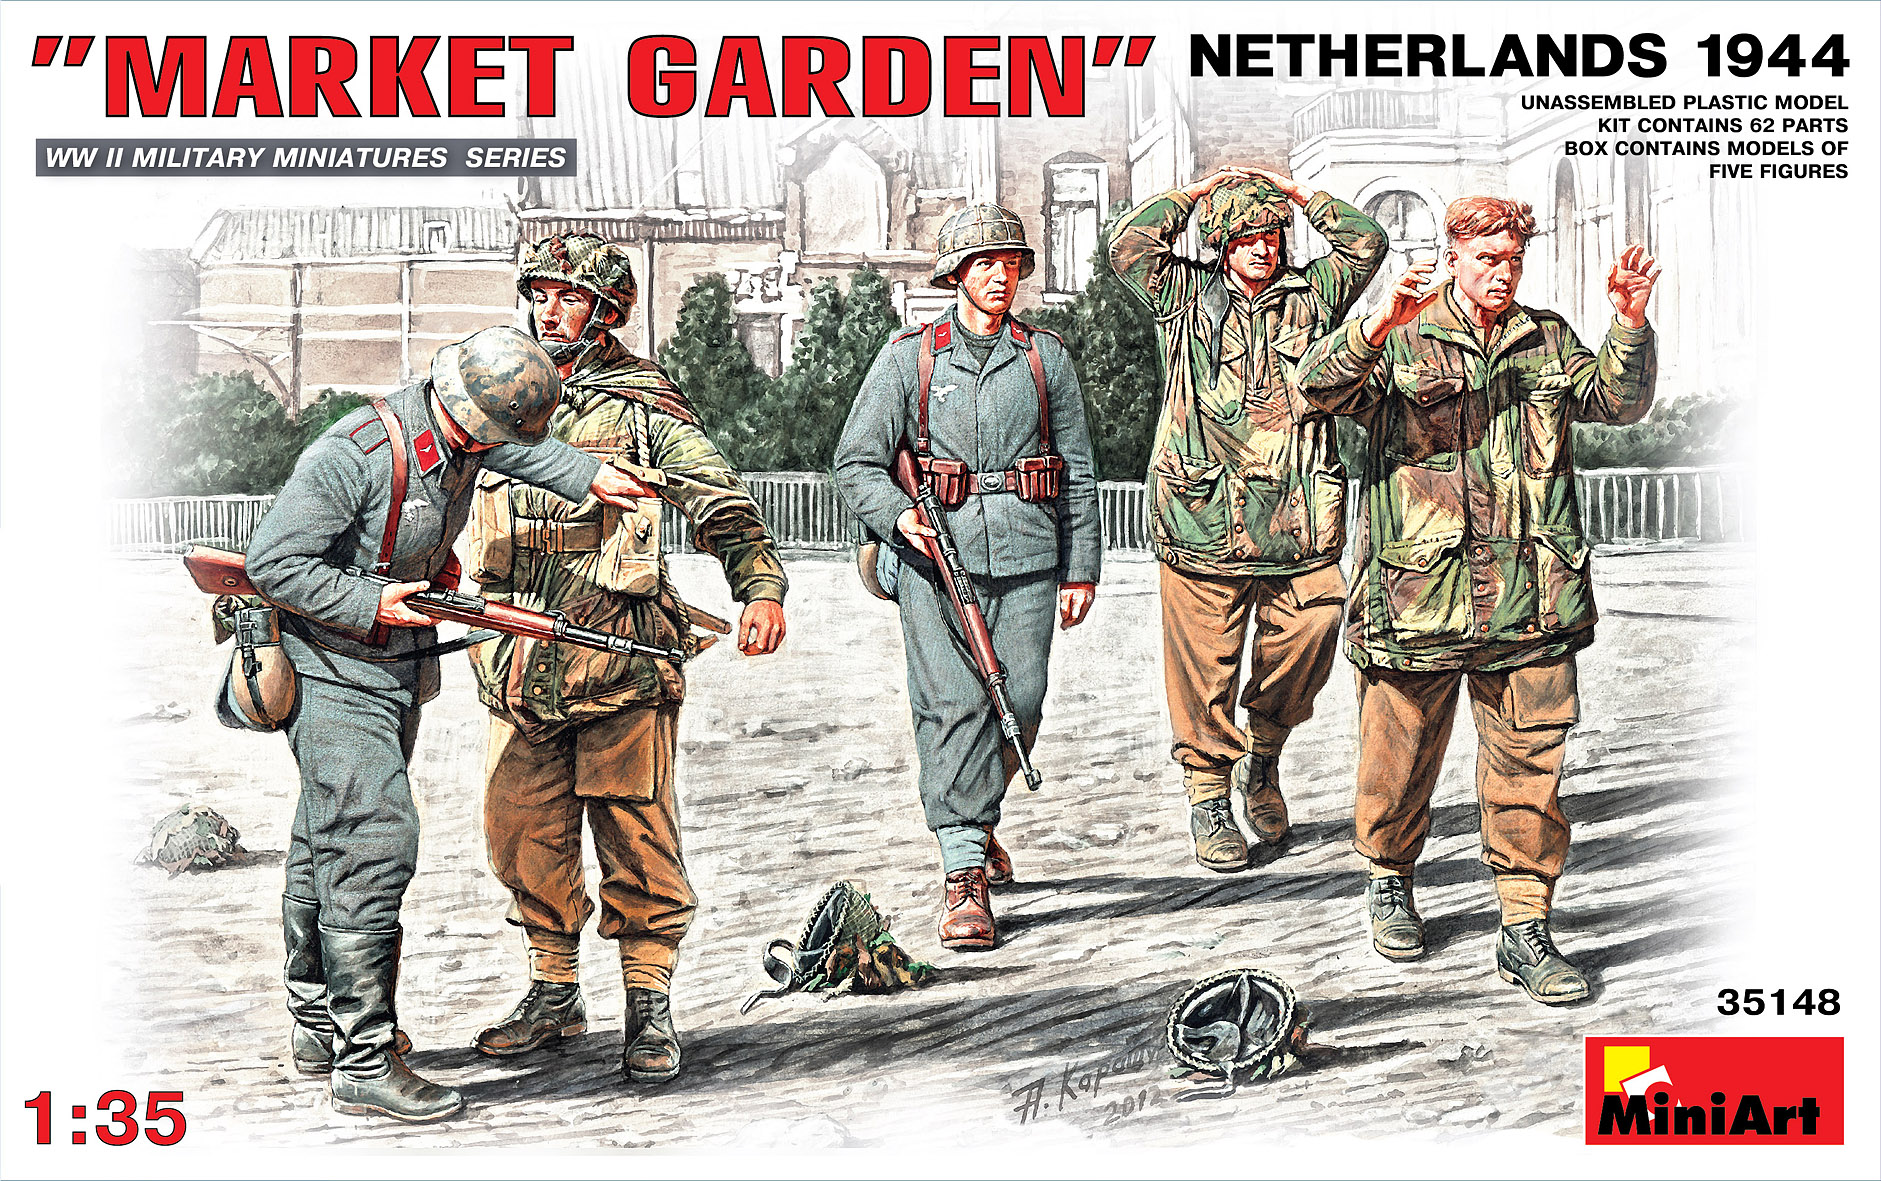 35148マ-ケットガ-デン作戦(オランダ1944)フィギュア5体入